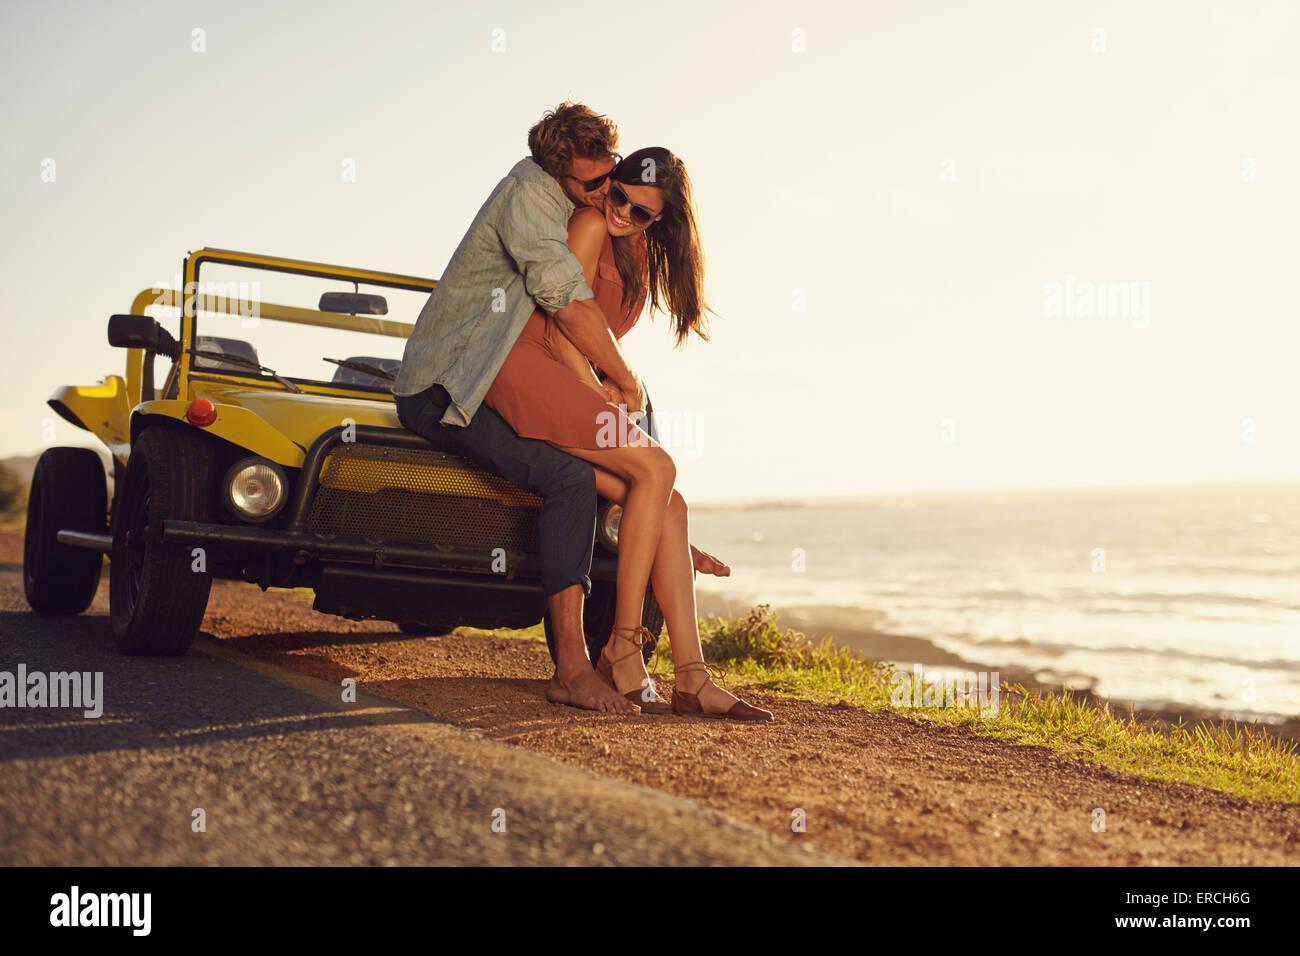 Romantico coppia giovane la condivisione di un momento speciale mentre ci si trova all'esterno. Coppia giovane Immagini Stock